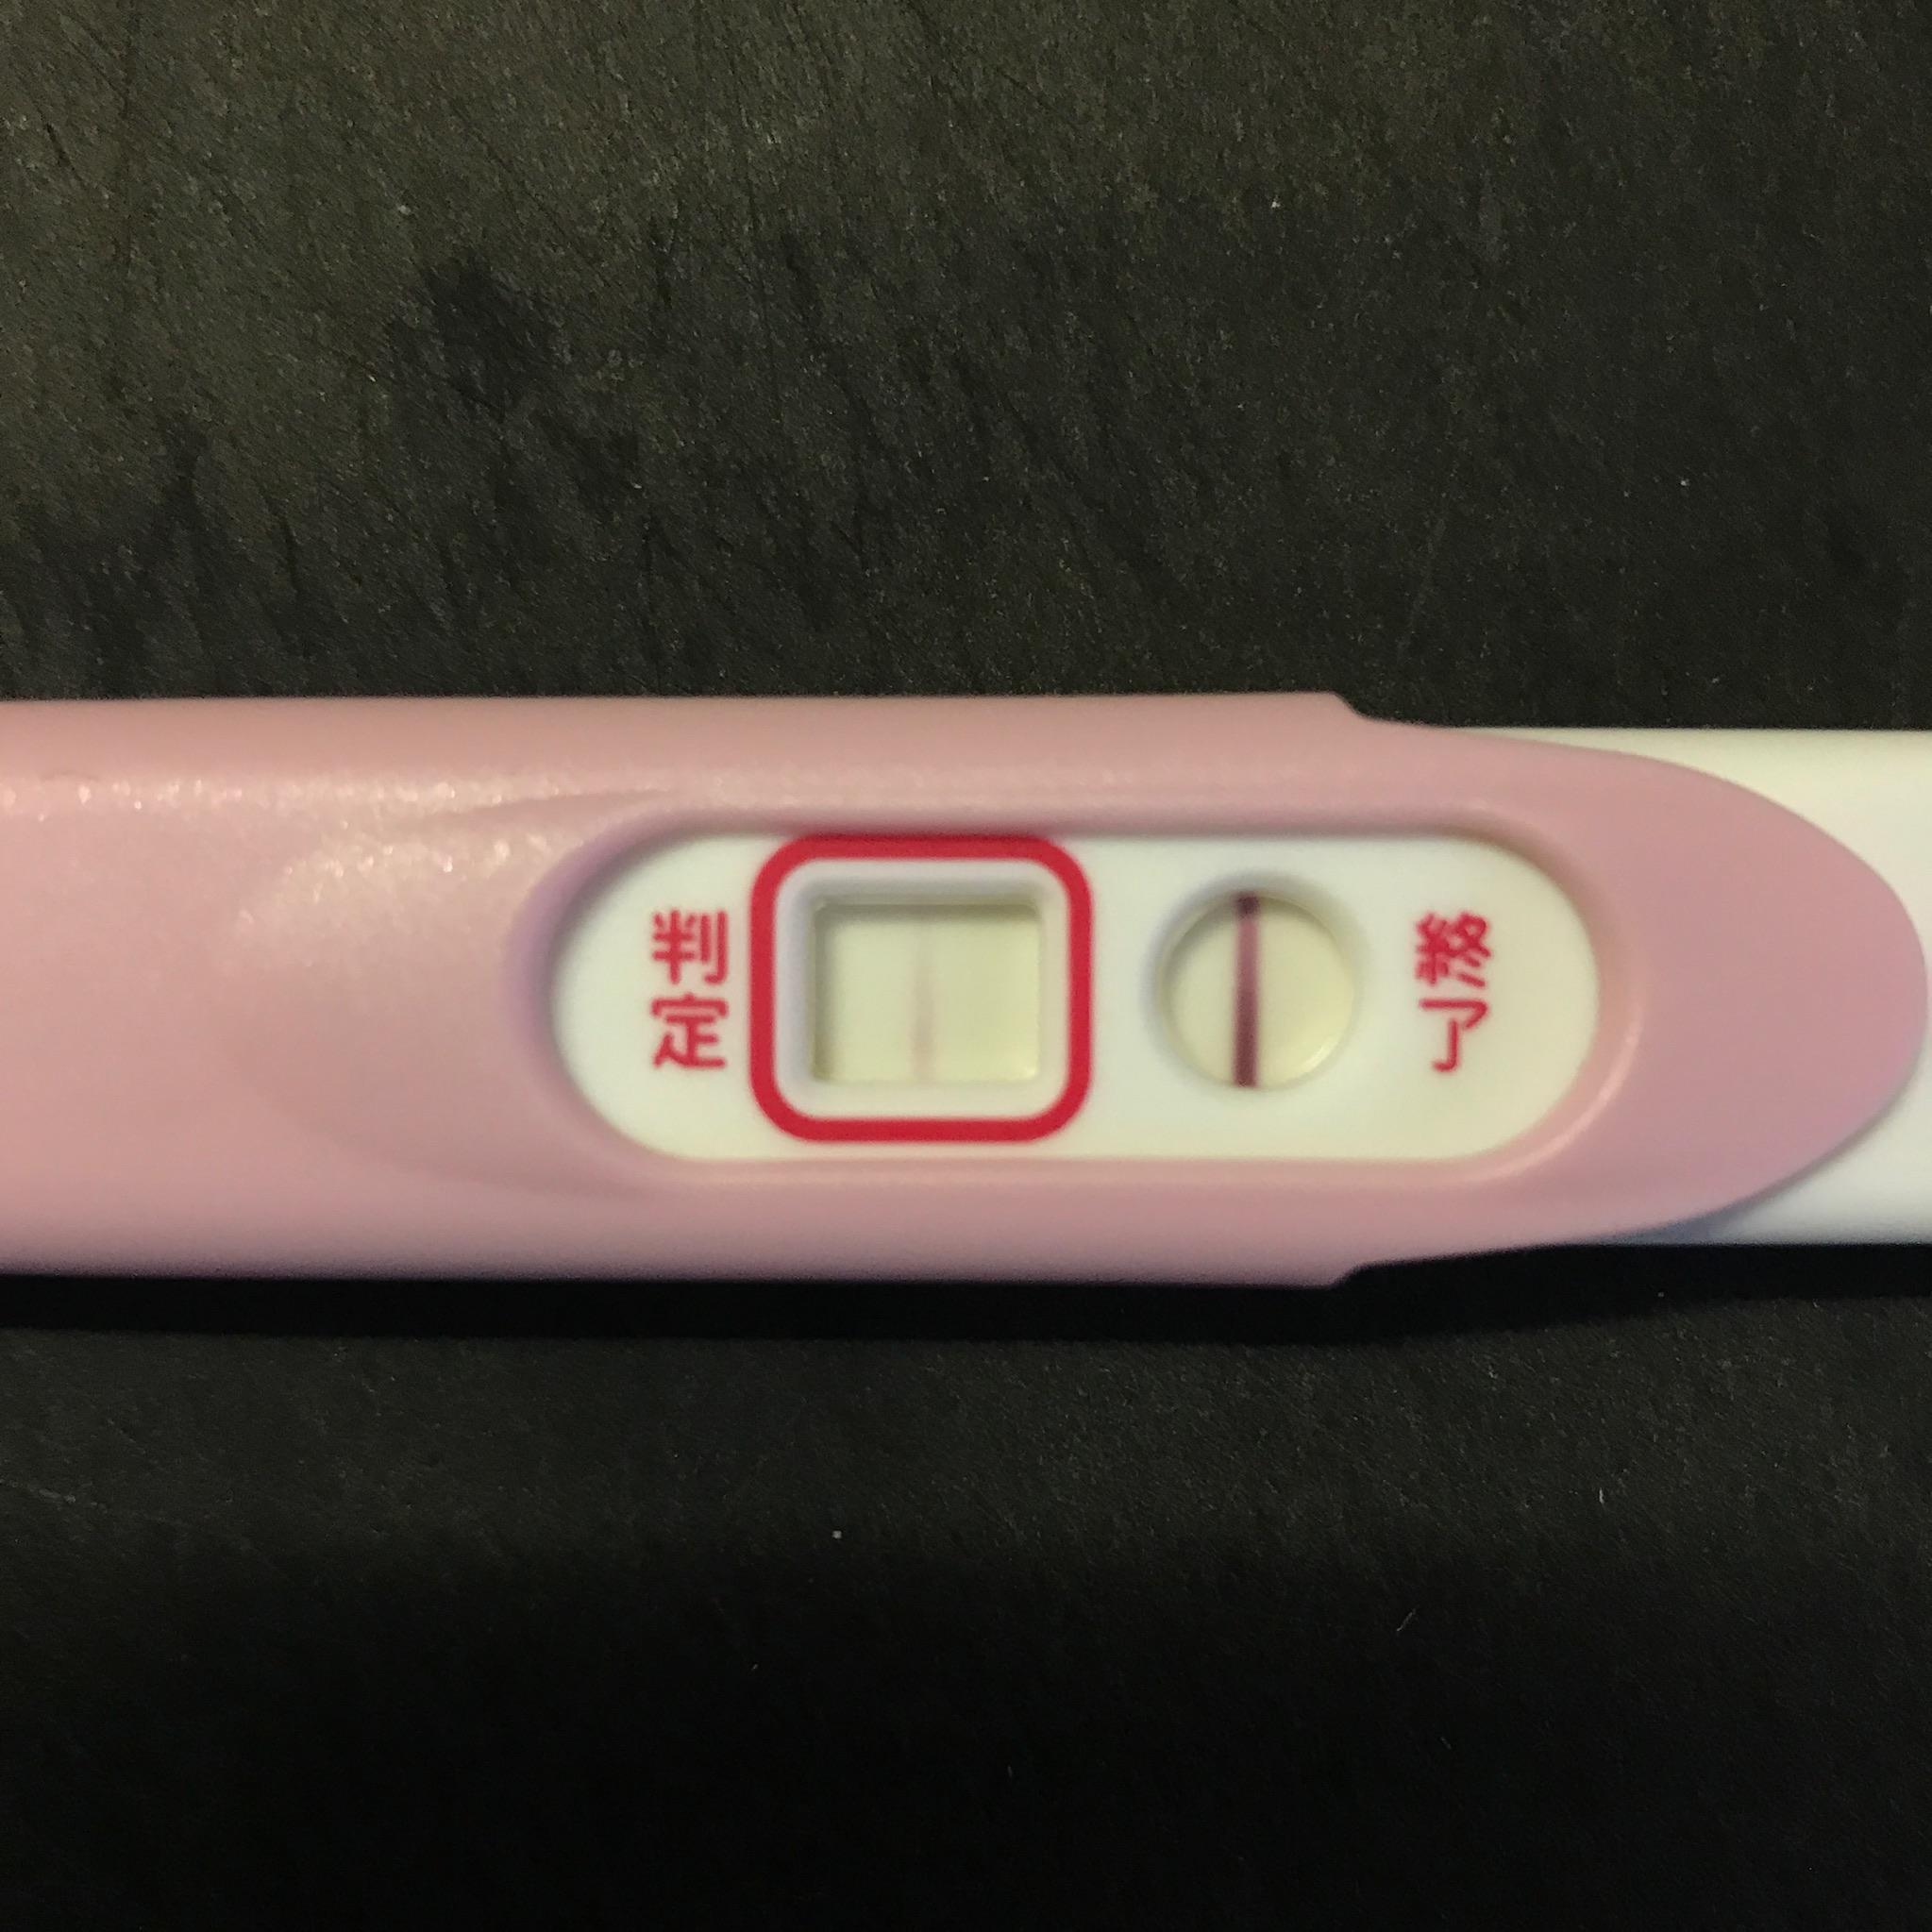 妊娠検査薬高温期12日目Pチェックの妊娠判定線